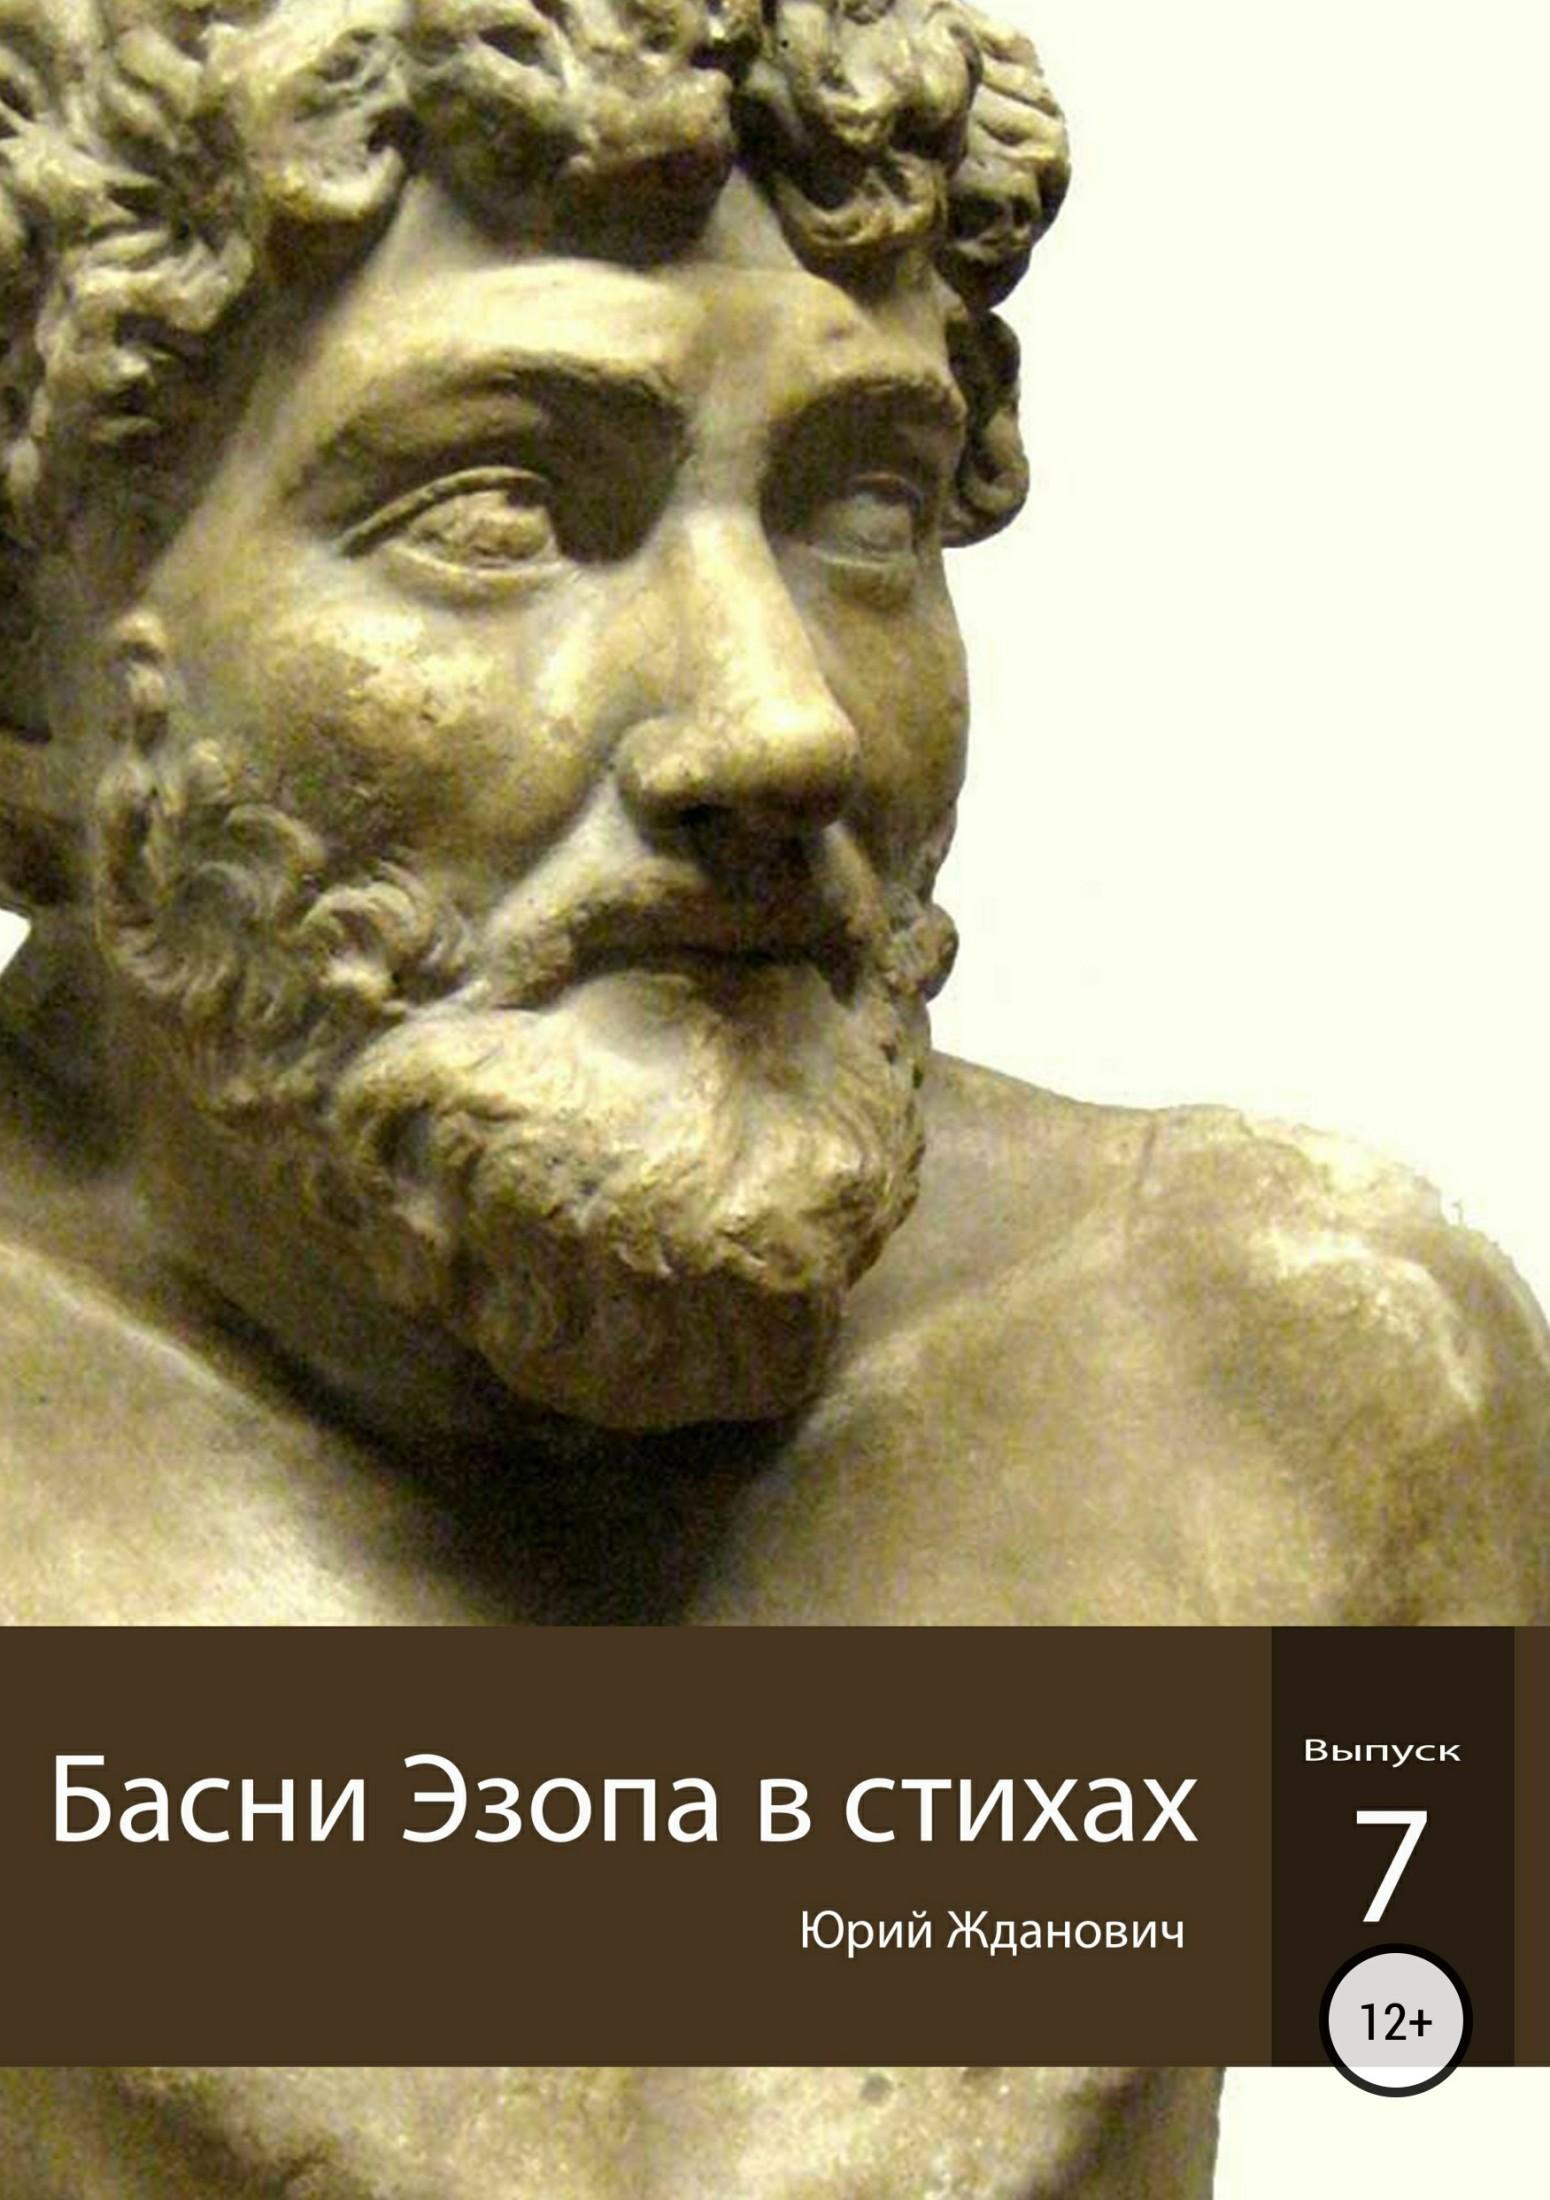 Басни Эзопа в стихах. Выпуск 7